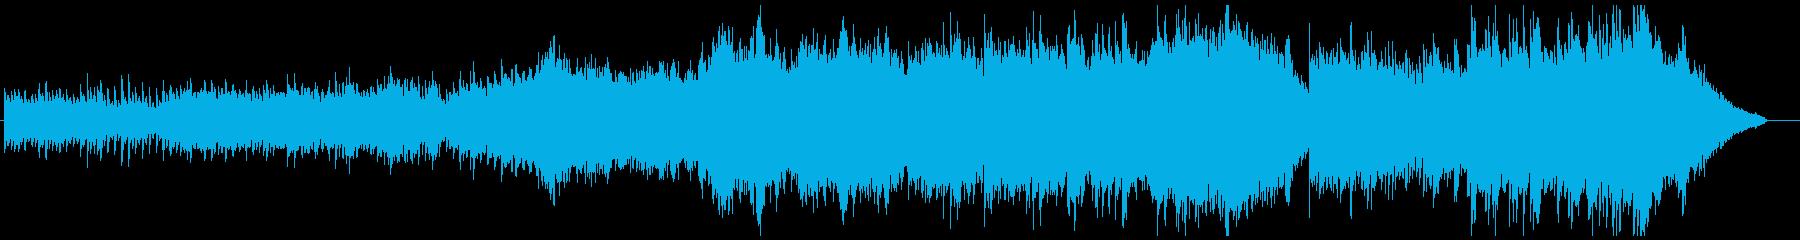 ピアノ&弦のドラマティックな曲の再生済みの波形